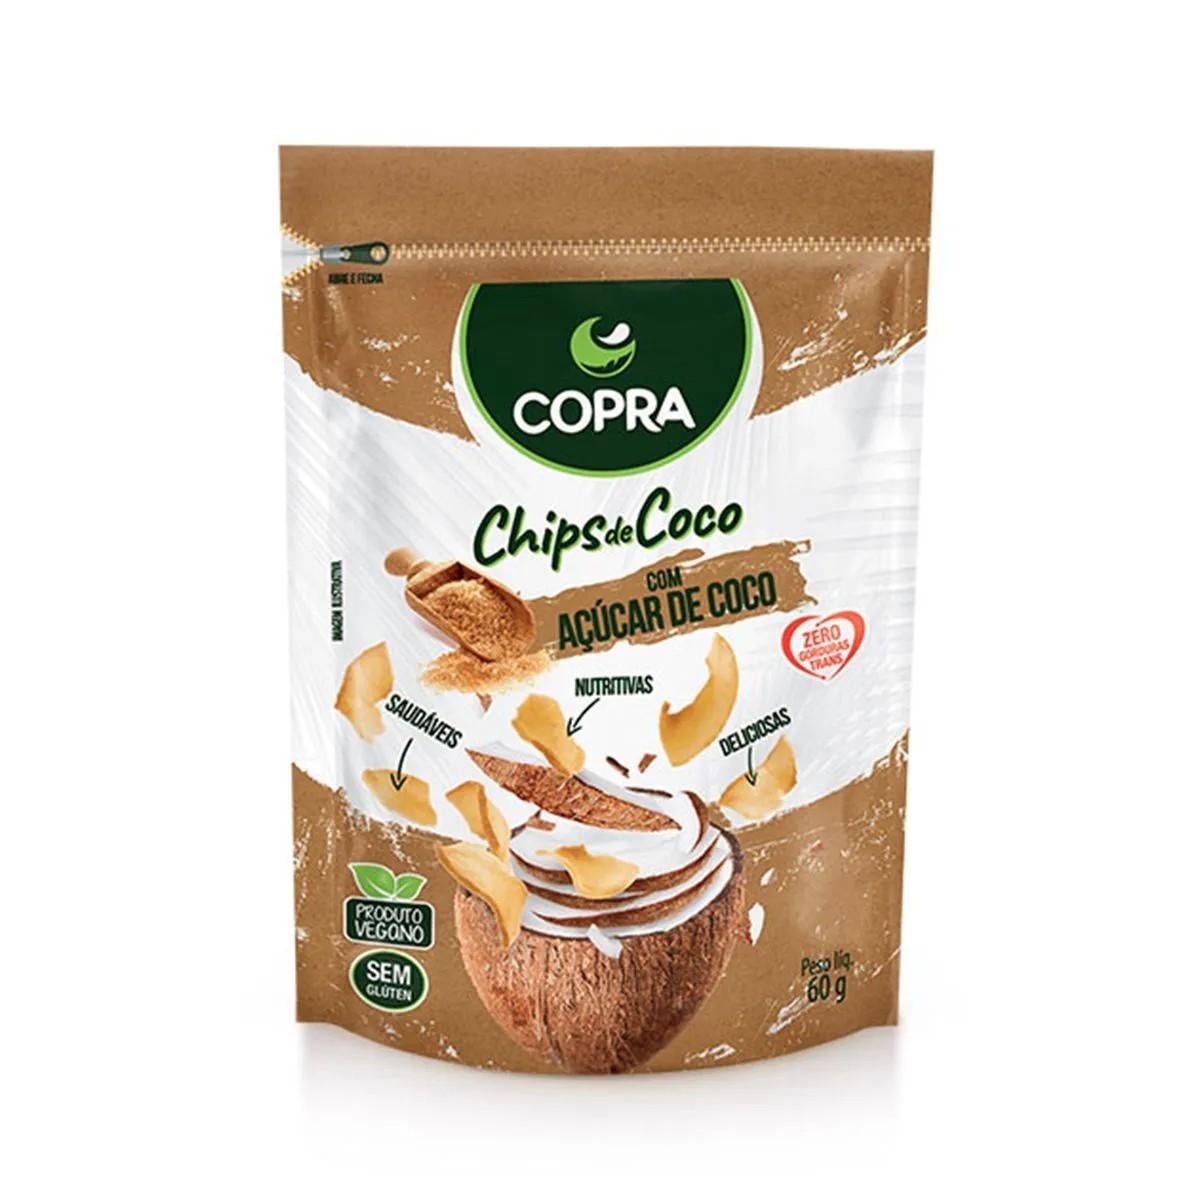 Chips de Coco com Açúcar de Coco 60g - Copra